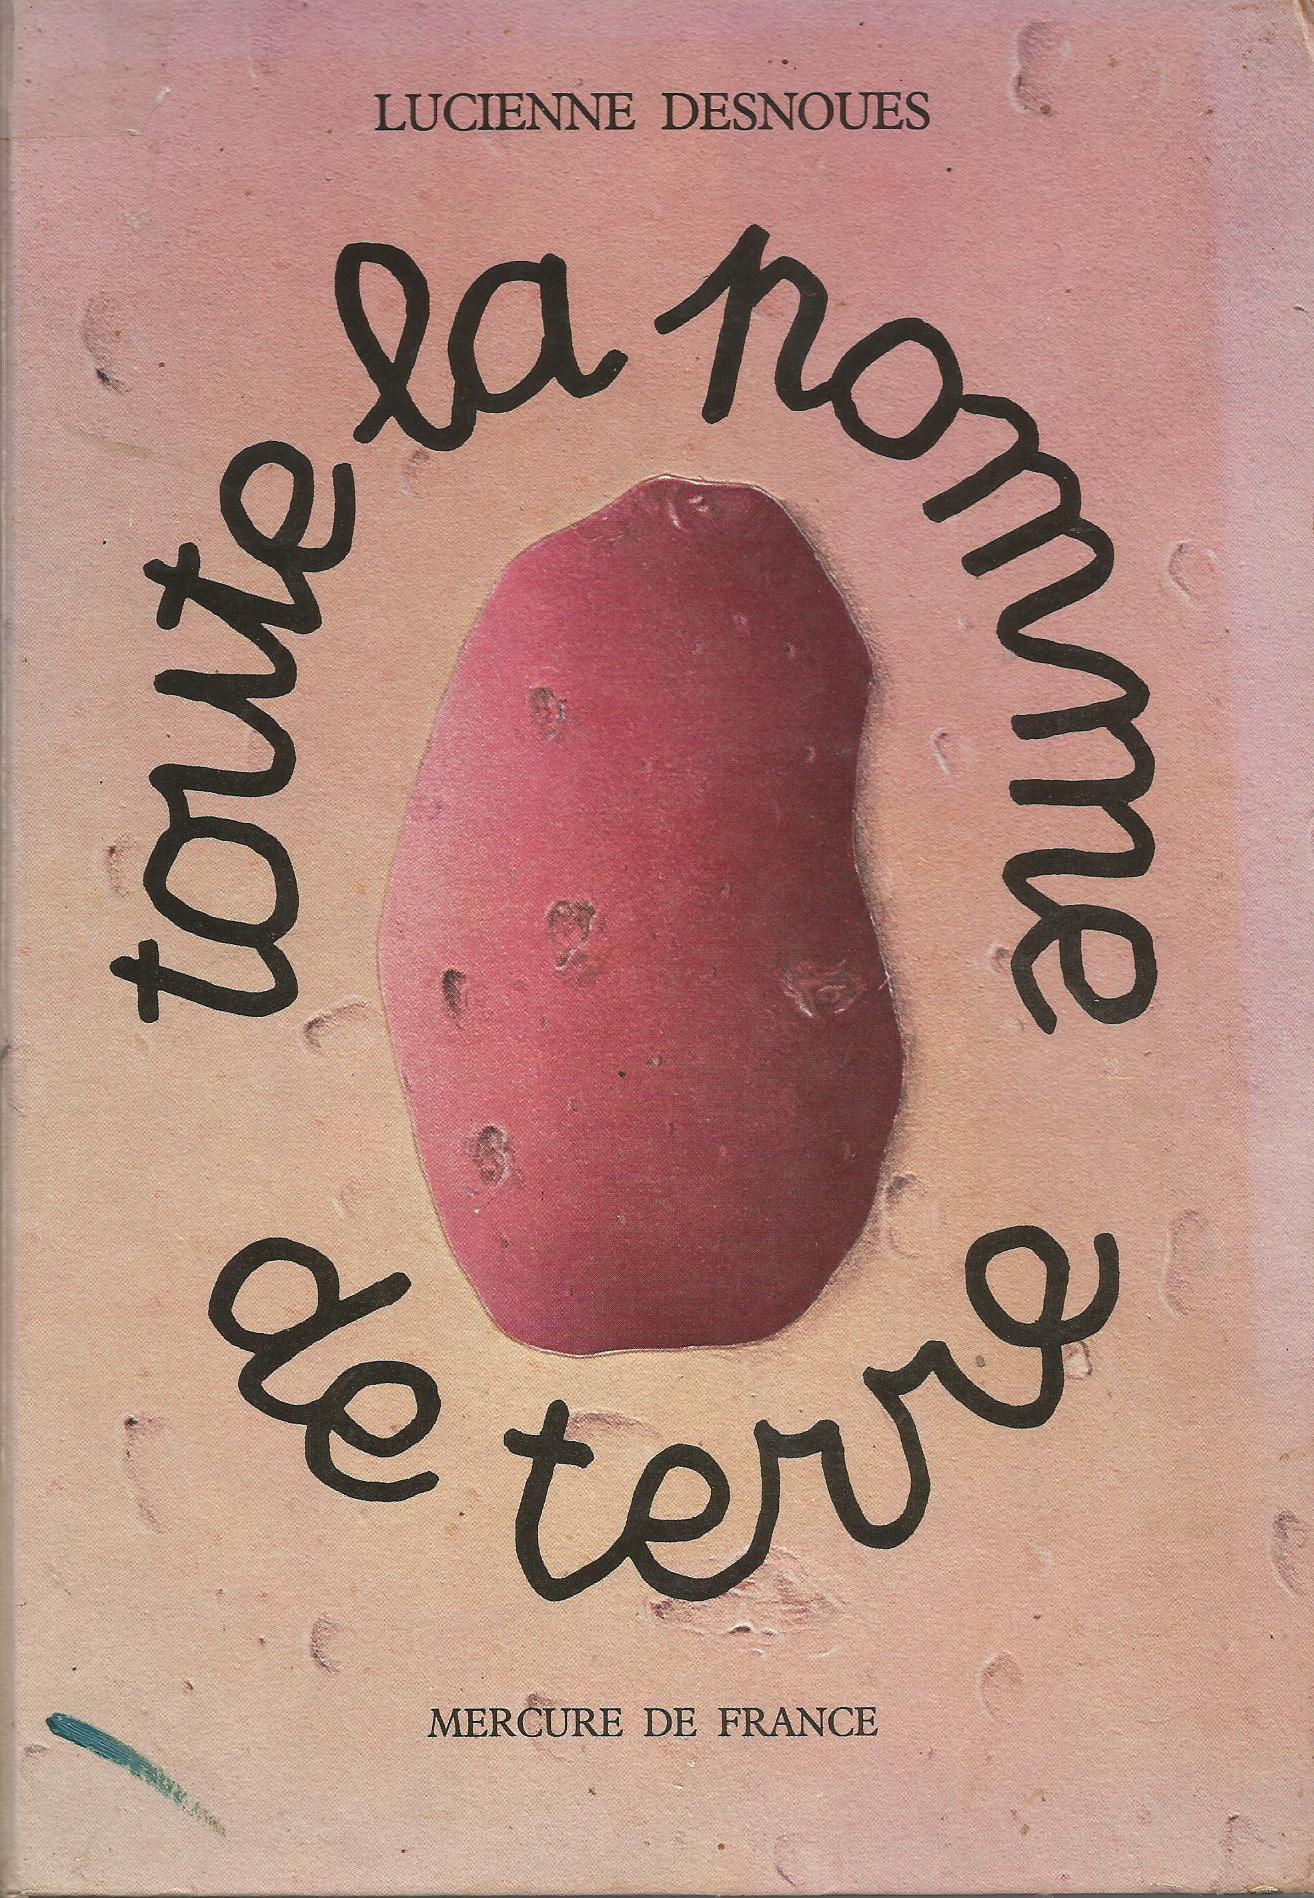 Lucienne Desnoues. Toute la pomme de terre. Revue d'histoire de la pharmacie.